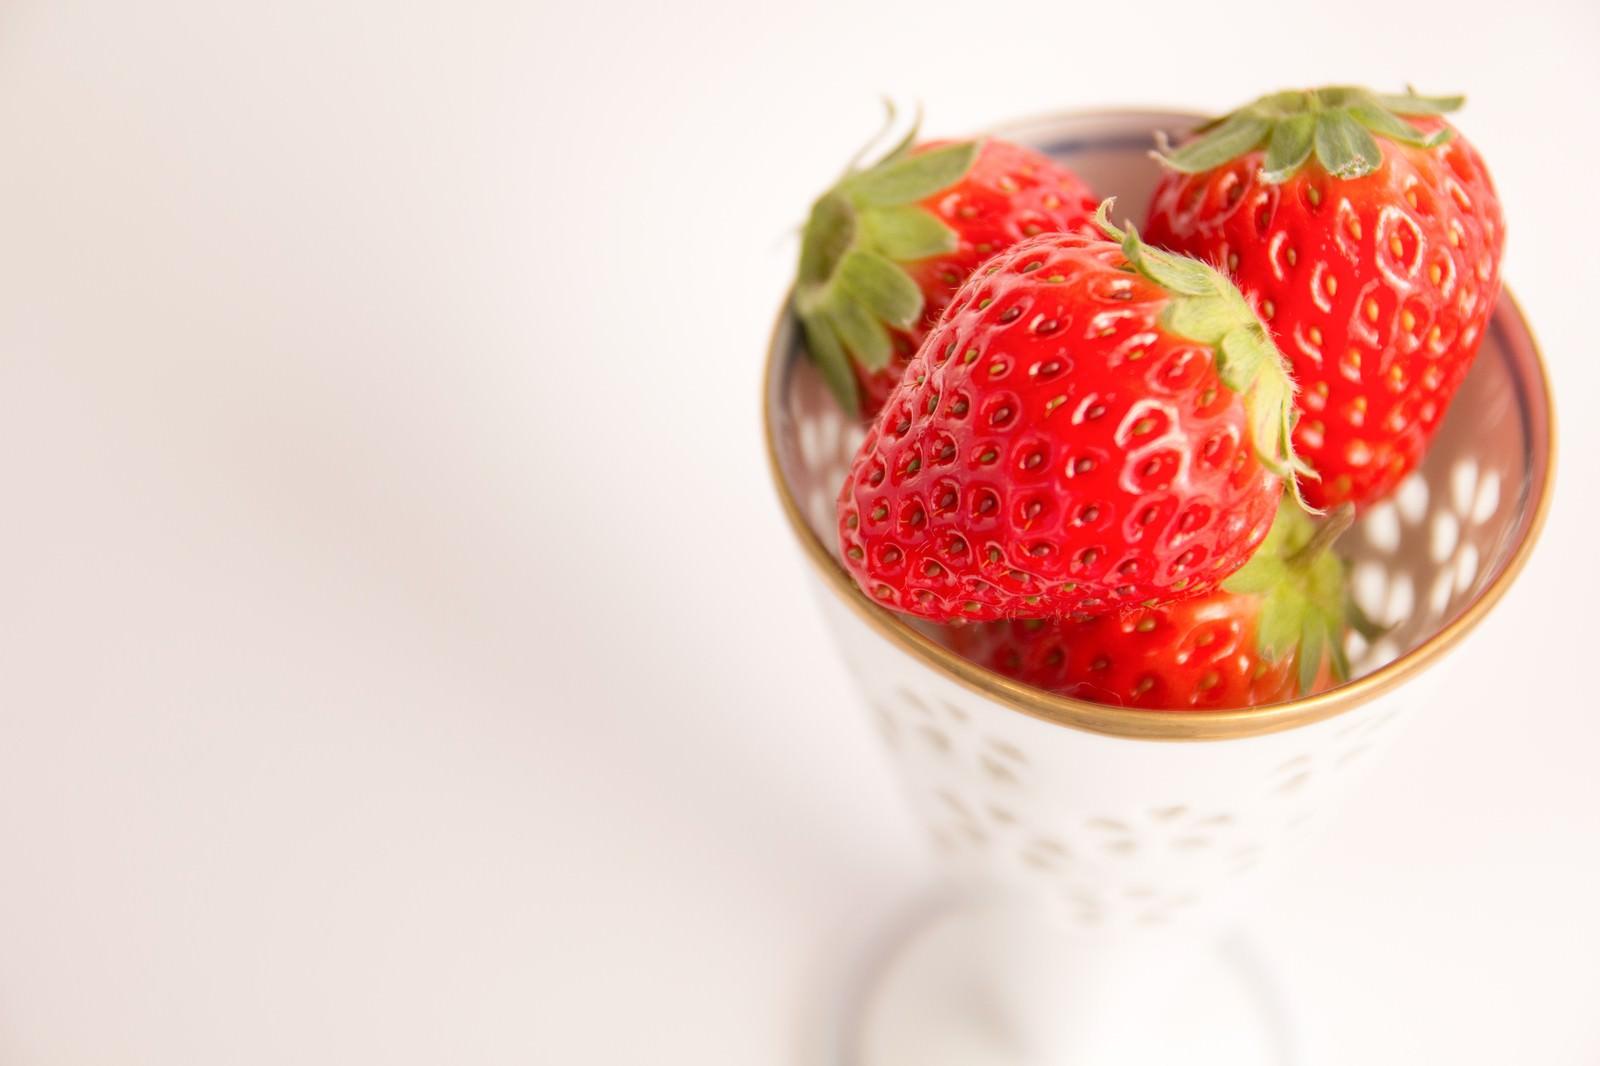 「カップに入った苺」の写真